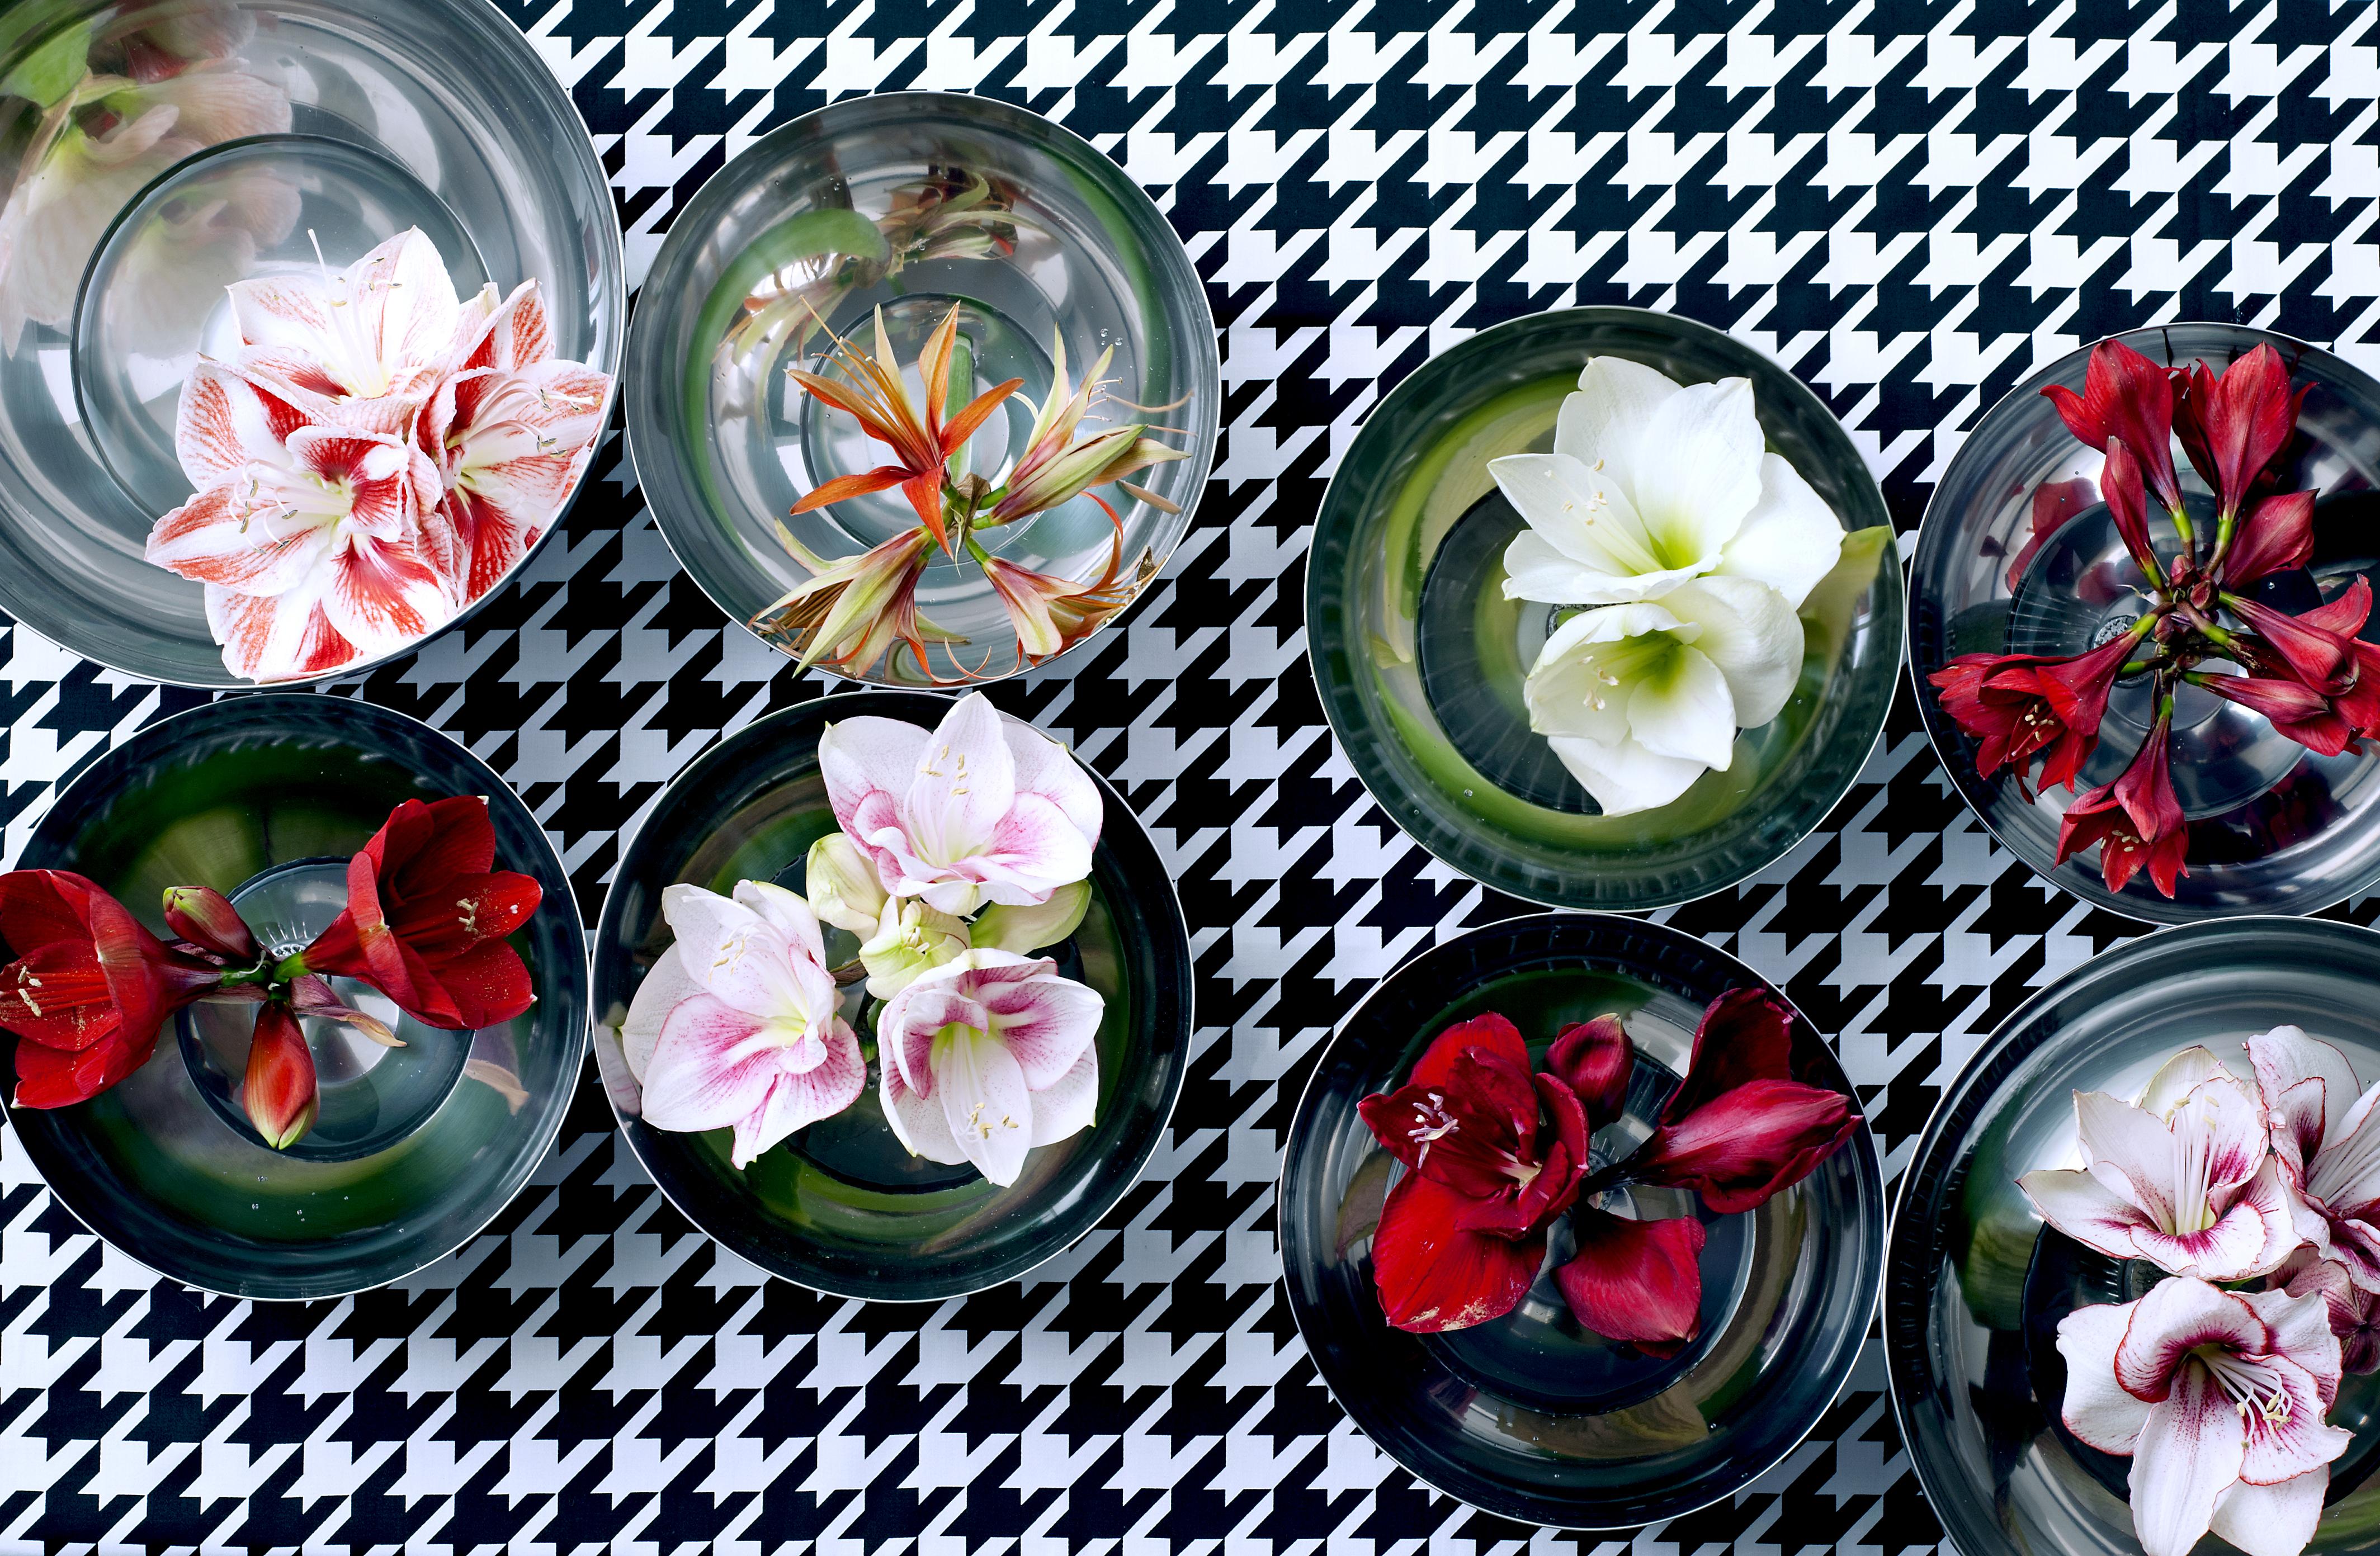 Beeindruckende Amaryllisblüten von Weiß über Rosé bis Rot